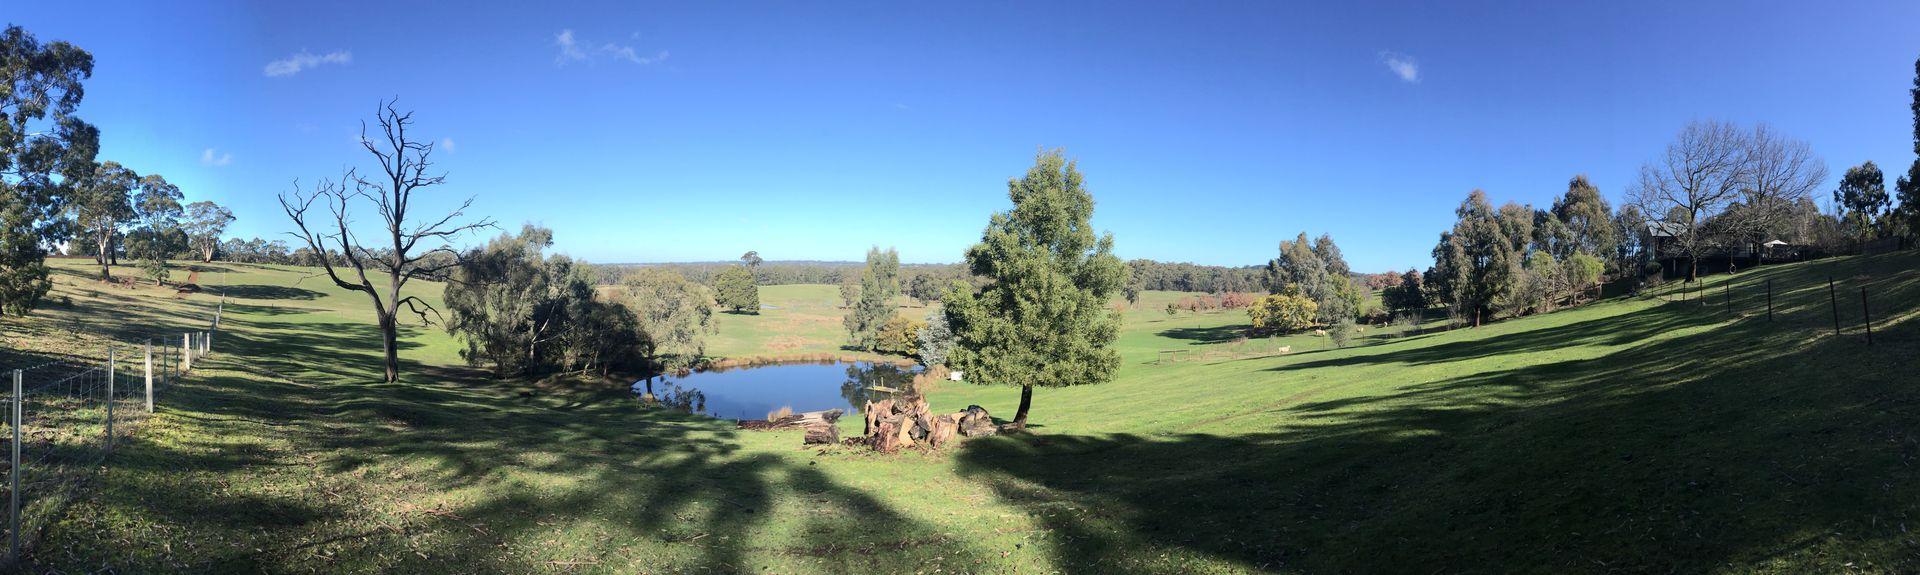 Kyneton, VIC, Australia